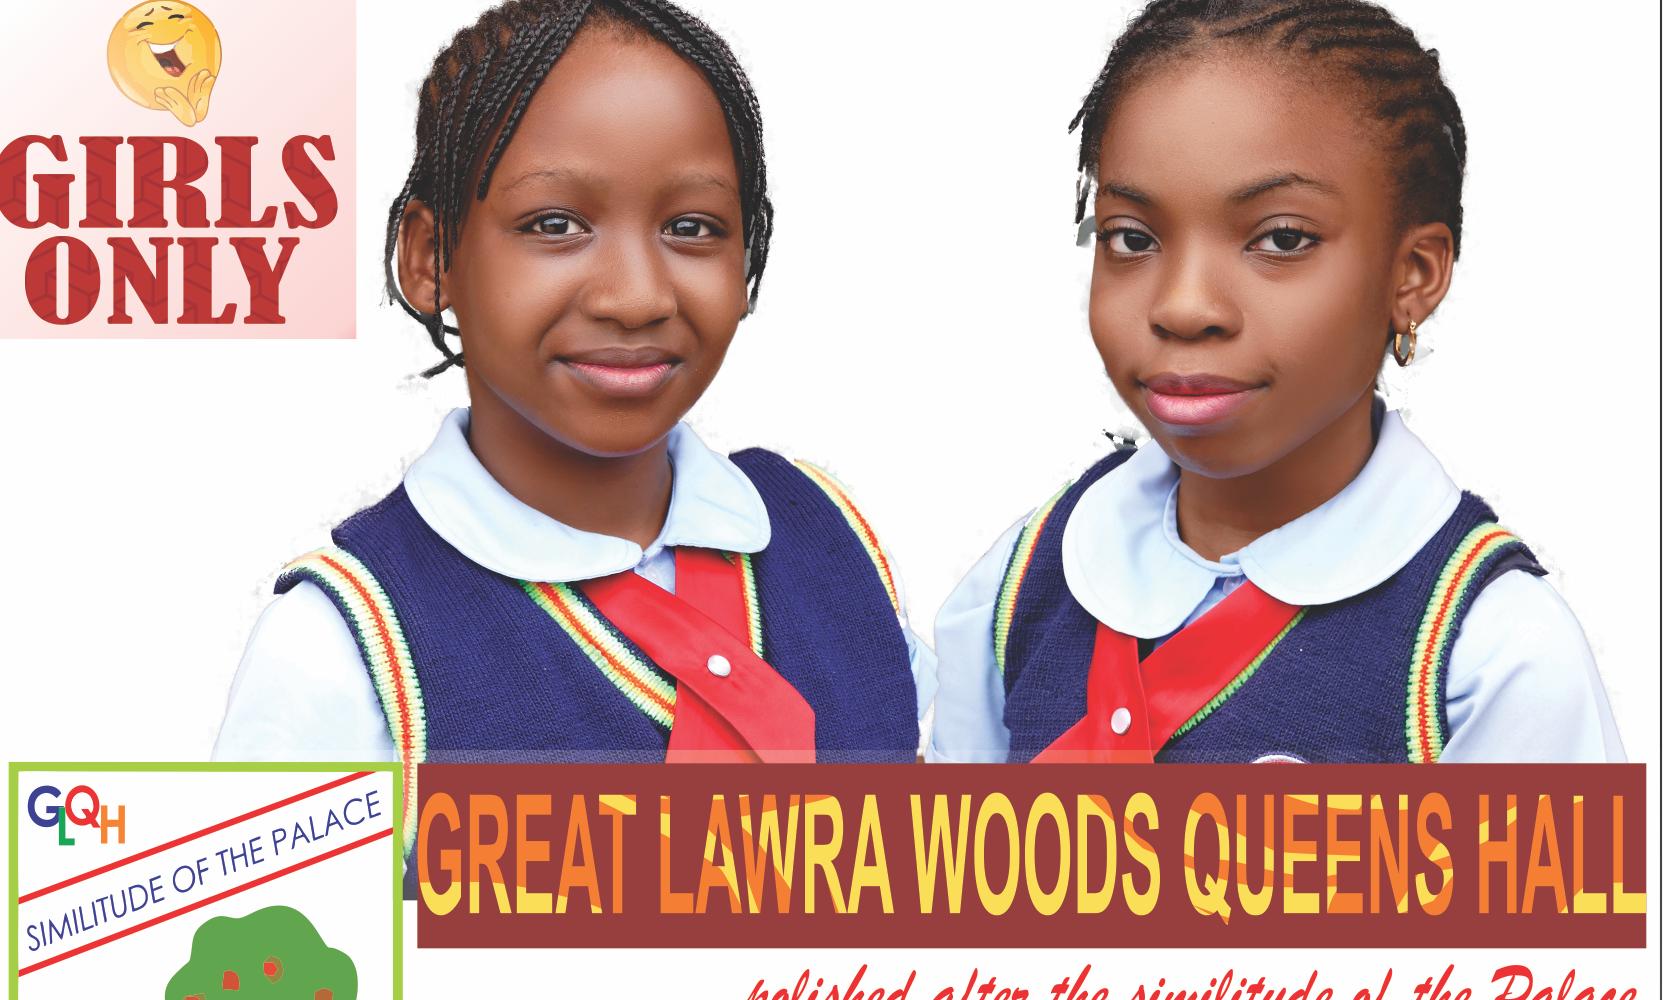 GREAT LAWRA WOODS QUEENS (GIRLS ONLY SCHOOL)